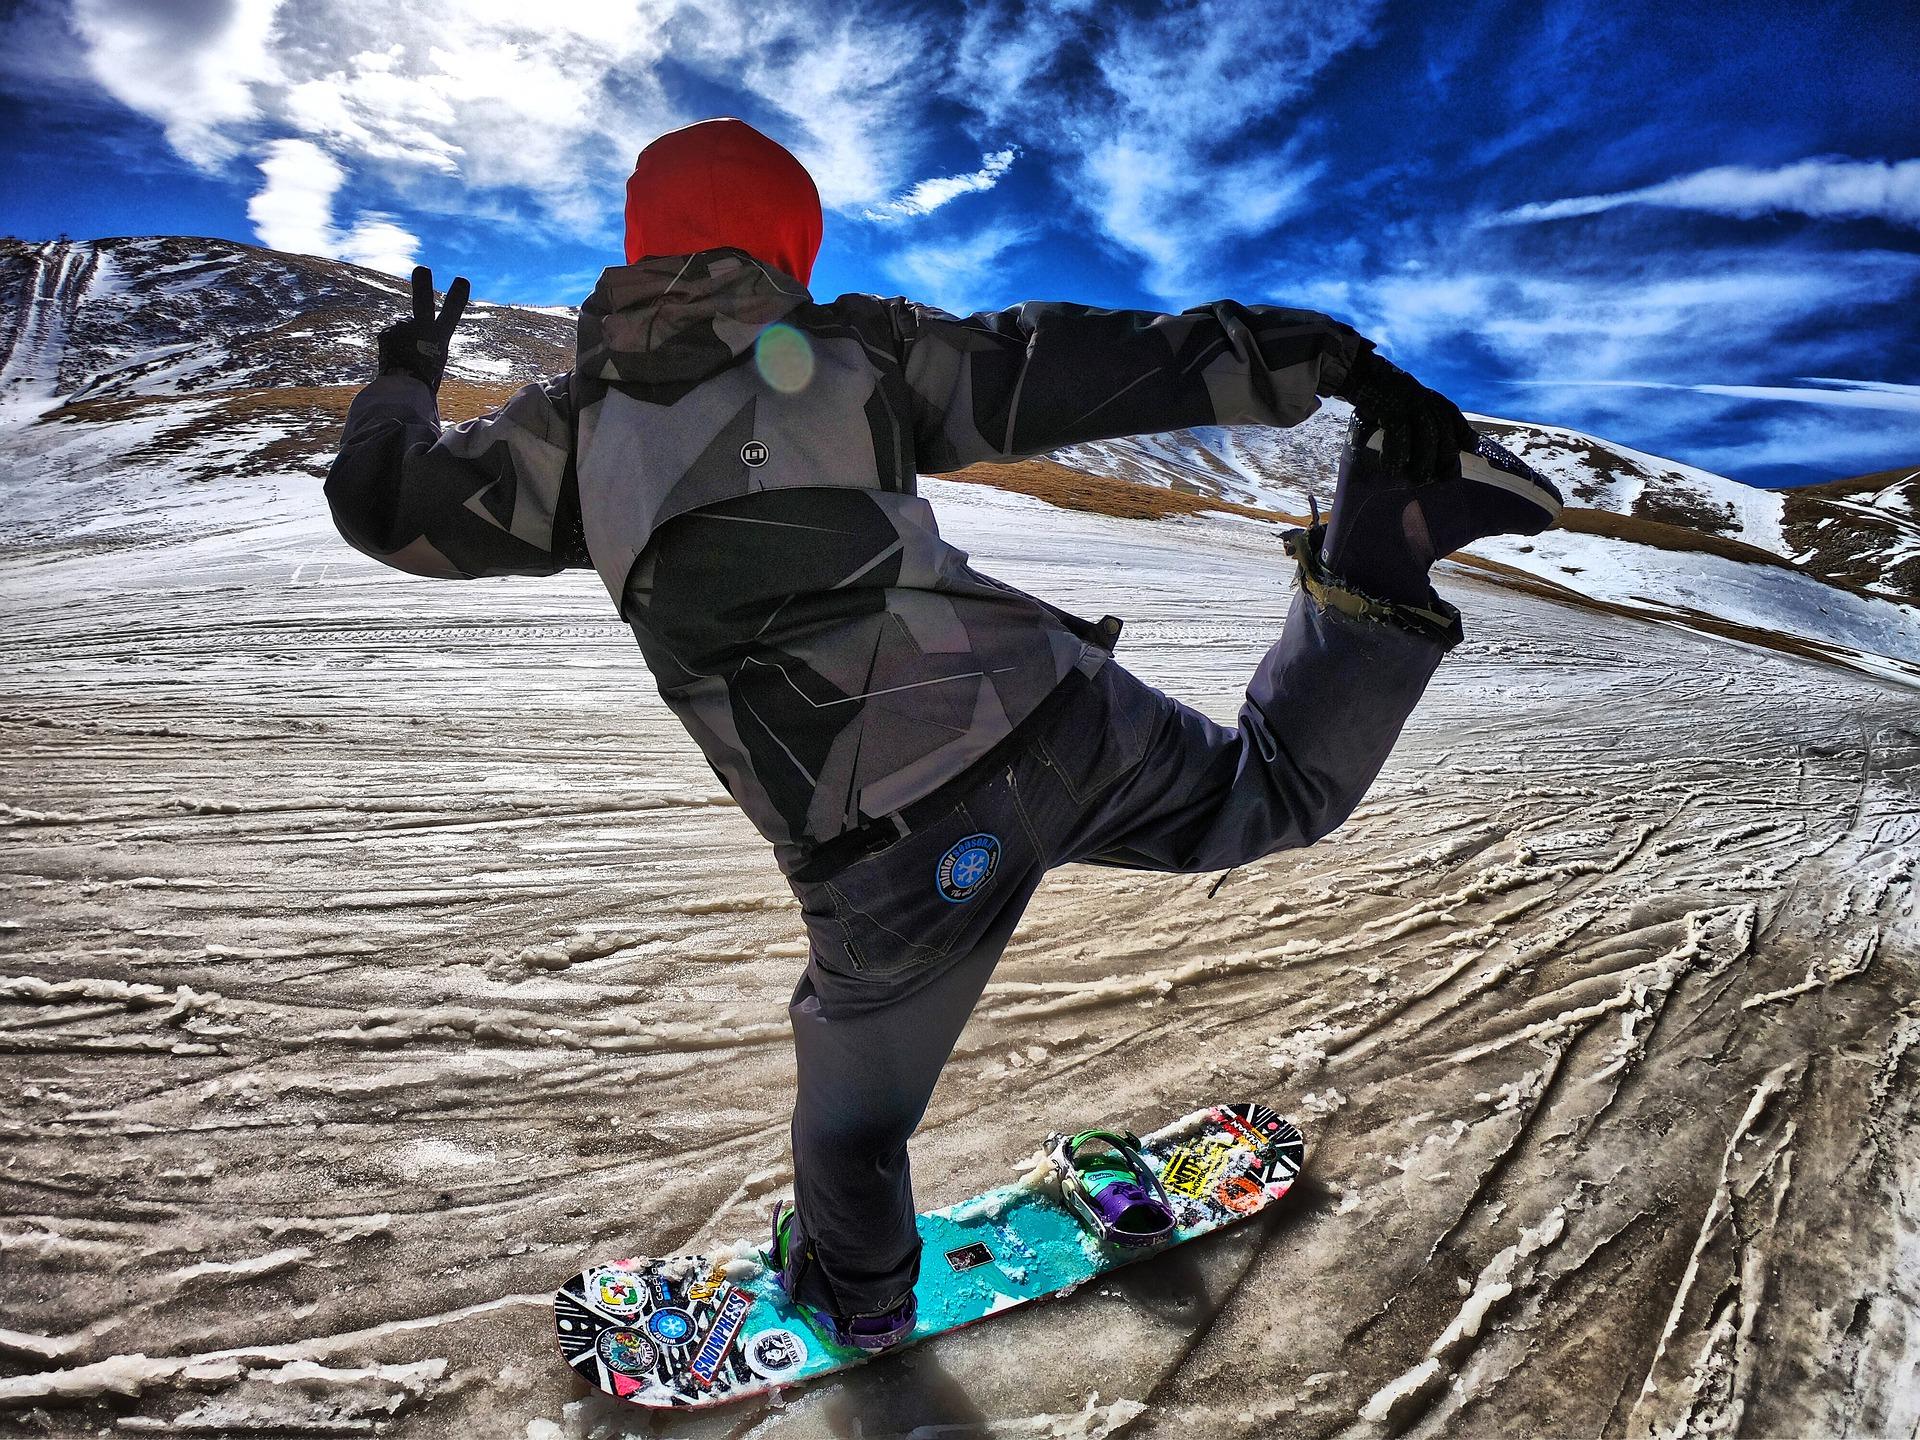 Рейтинг лучших штанов для сноуборда на 2021 год